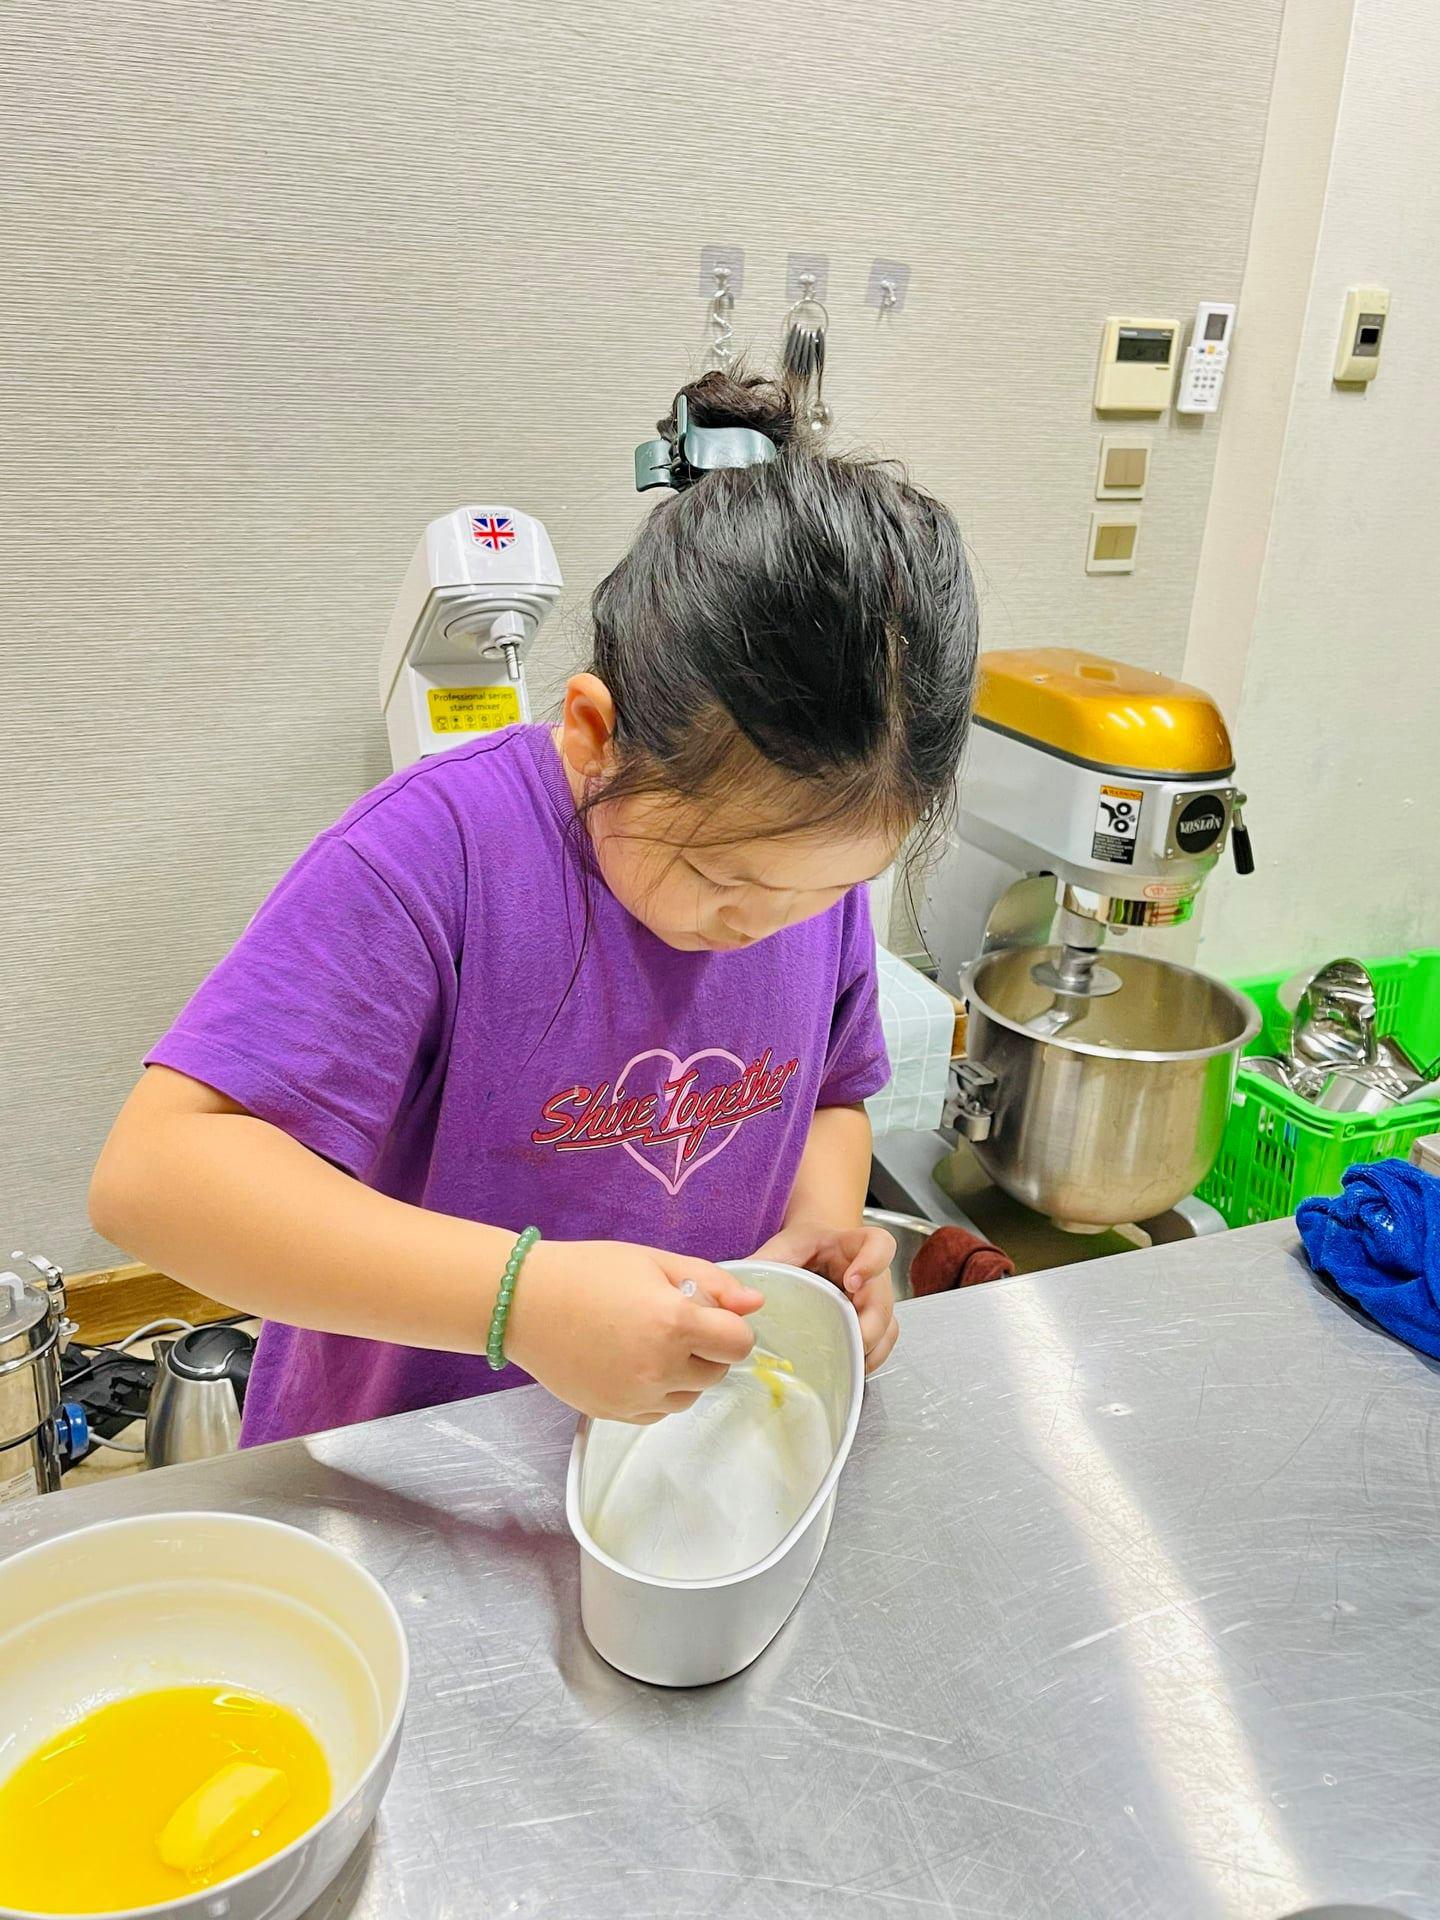 Với các khách hàng nhí đi cùng người lớn, bố mẹ có thể cùng bé làm bánh hoặc chọn cả 3 combo làm bánh, pool party, BBQ hoặc ngồi Cộng Cà Phê tại 75 Trích Sài trong thời gian bé học làm bánh.